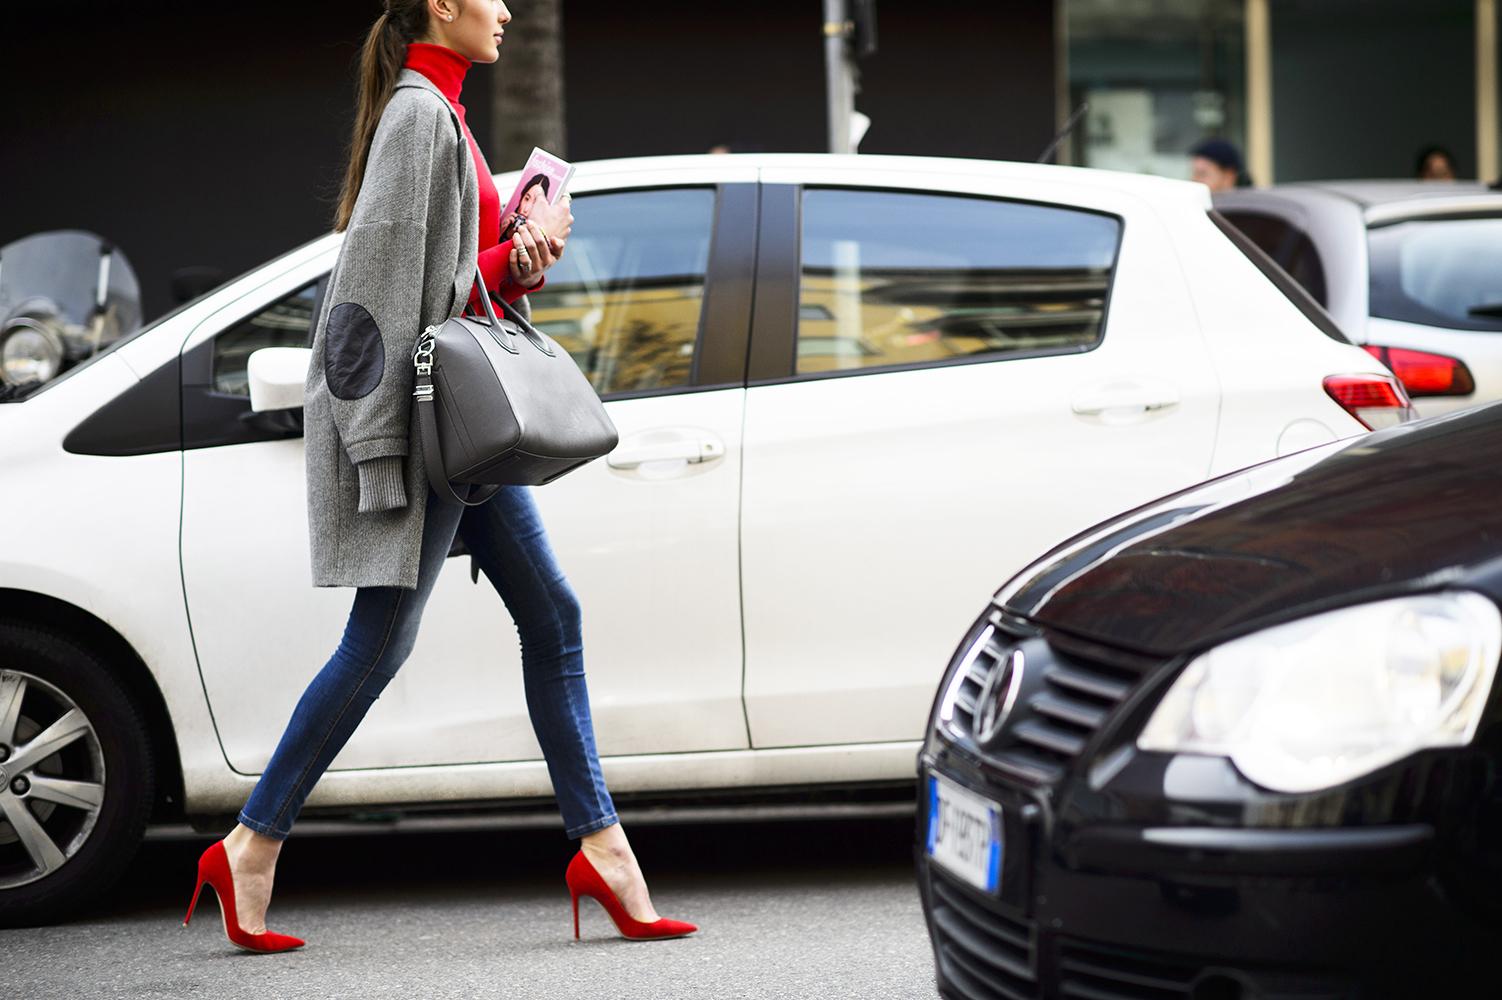 street-style-jeans-and-pumps - Yüksek Bel Kotlar Tül Etekler Replum Elbise Normcore Tarzı Mode Kıyafetler Midi Etekler kreasyonlar Jogger Pantolonlar Demode Kıyafetler Dar Kotlar Beyaz Tulumlar